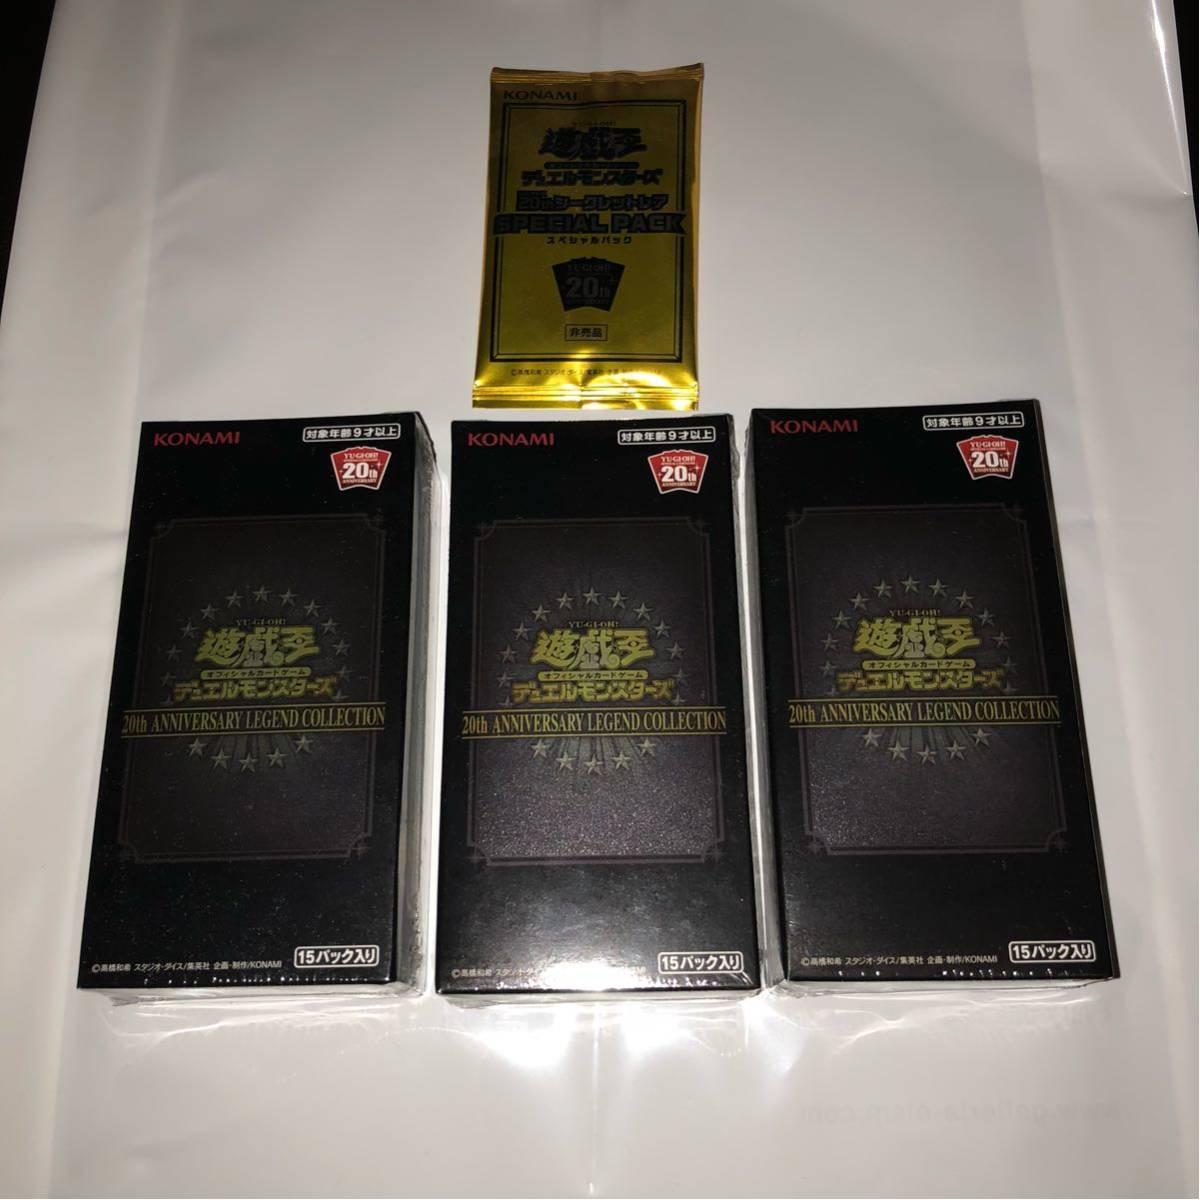 遊戯王 デュエルモンスターズ 20th ANNIVERSARY LEGEND COLLECTION 3BOX ボックス 20thシークレットレアスペシャルパック 1パック